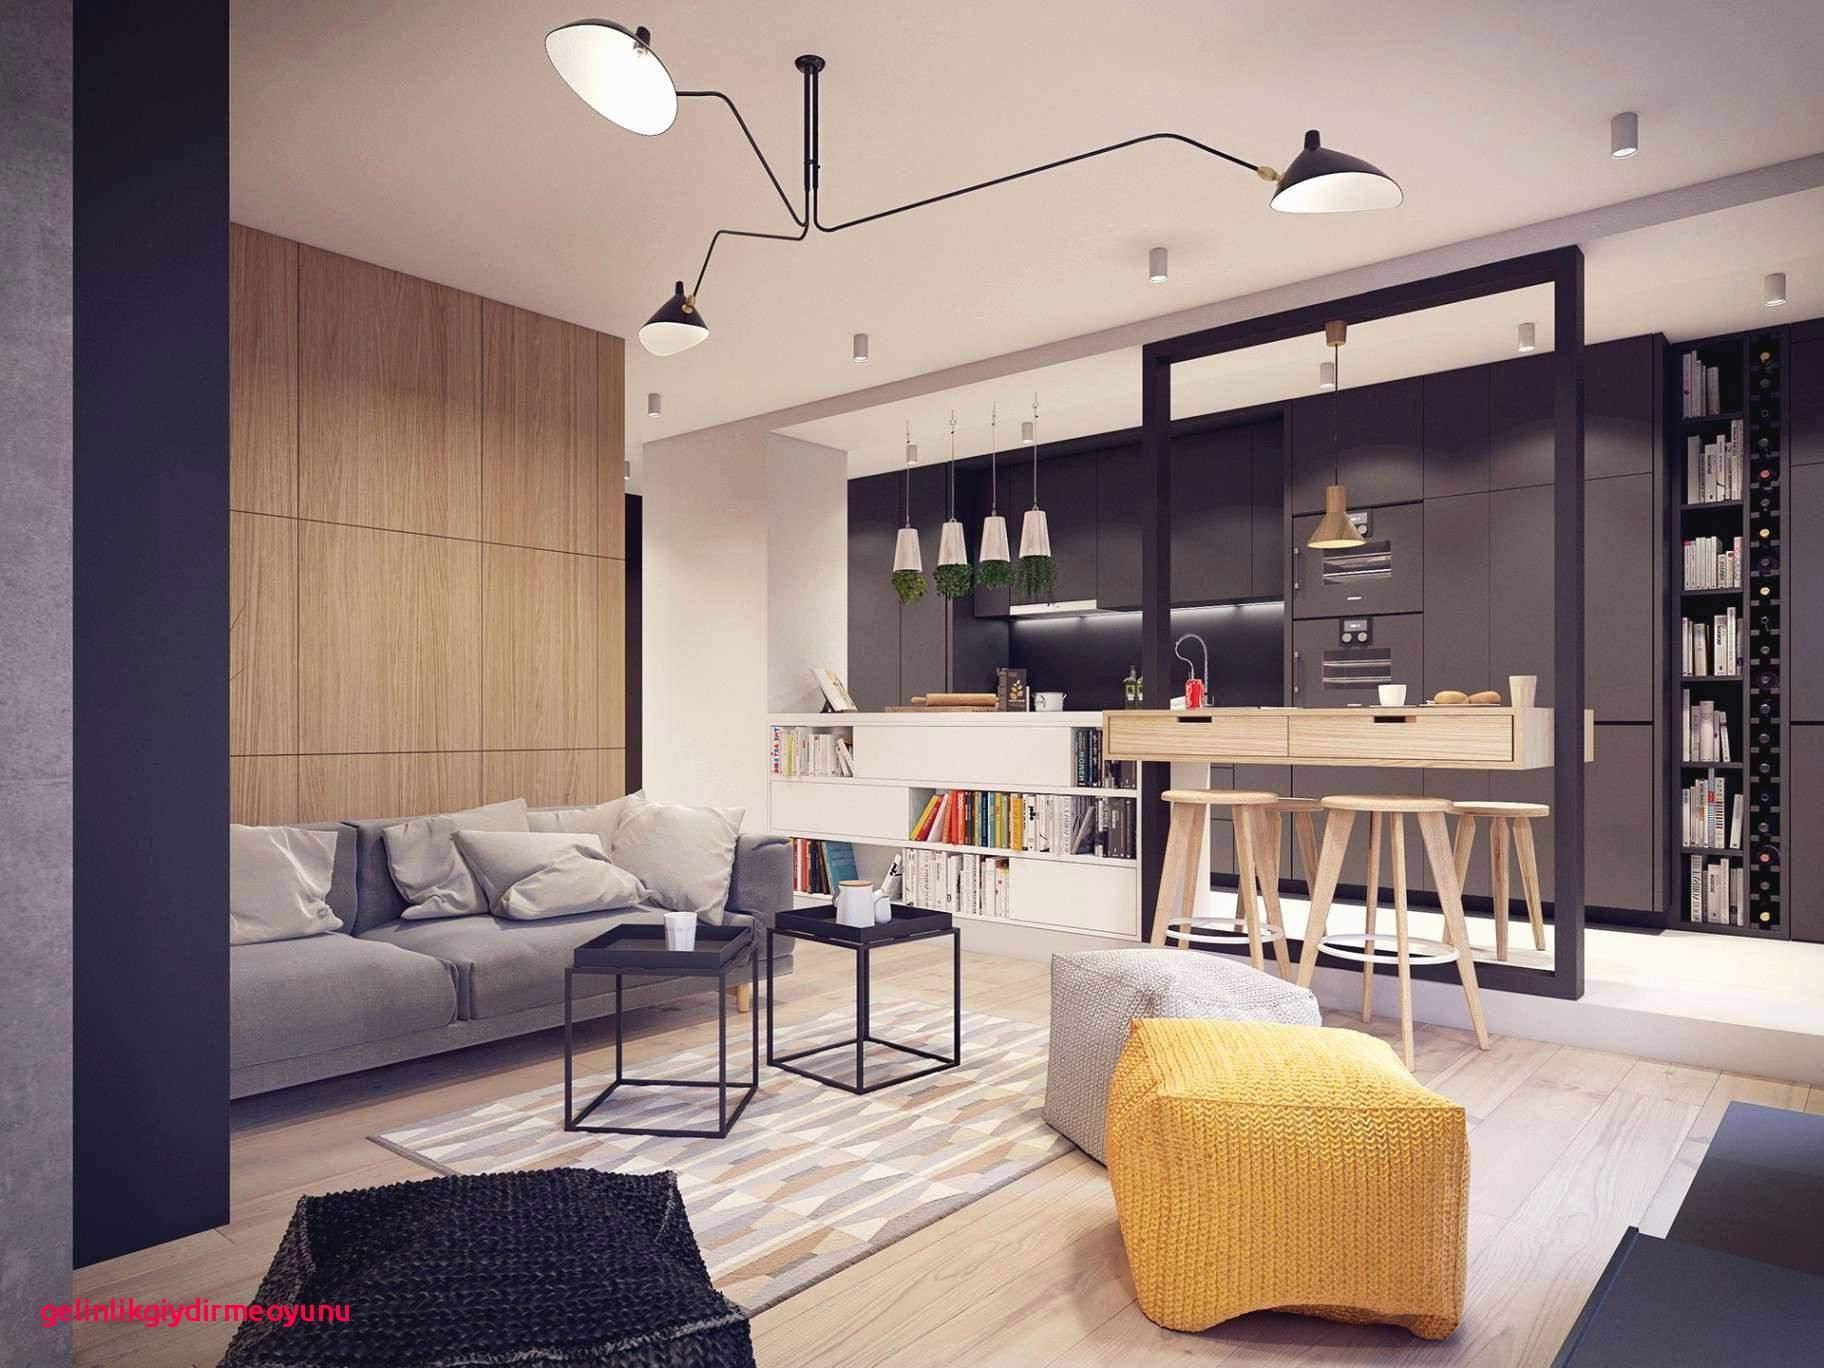 Pflanzen Deko Ideen Frisch 37 Inspirierend Wohnzimmer Pflanzen Luxus